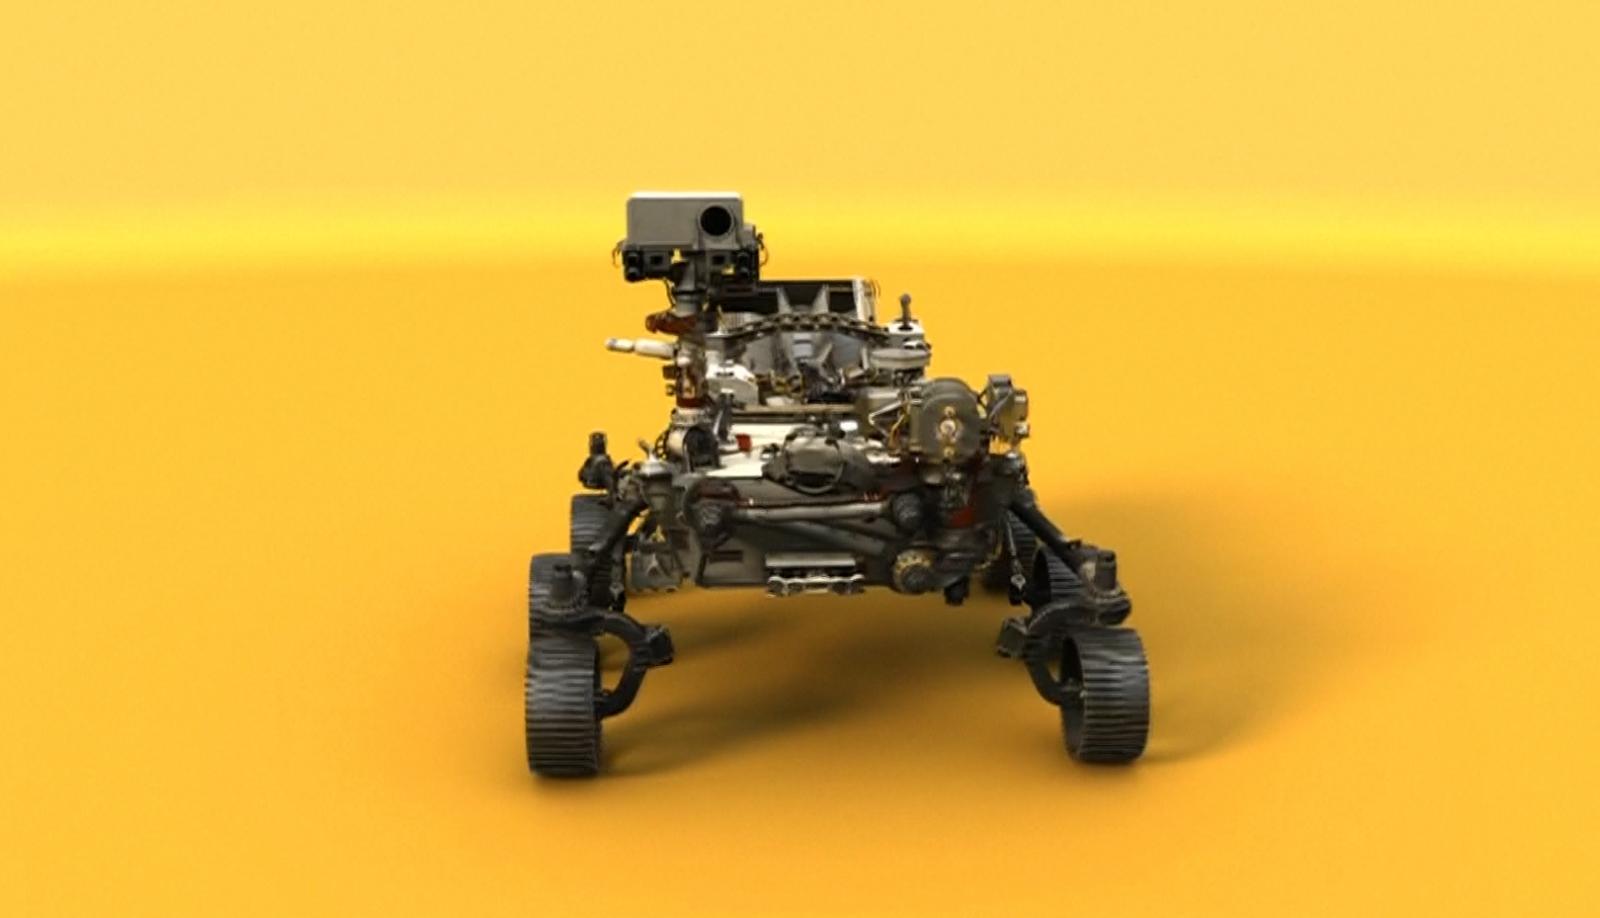 นาซา เผยโฉมยานสำรวจดาวอังคารเพื่อภารกิจปี 2020